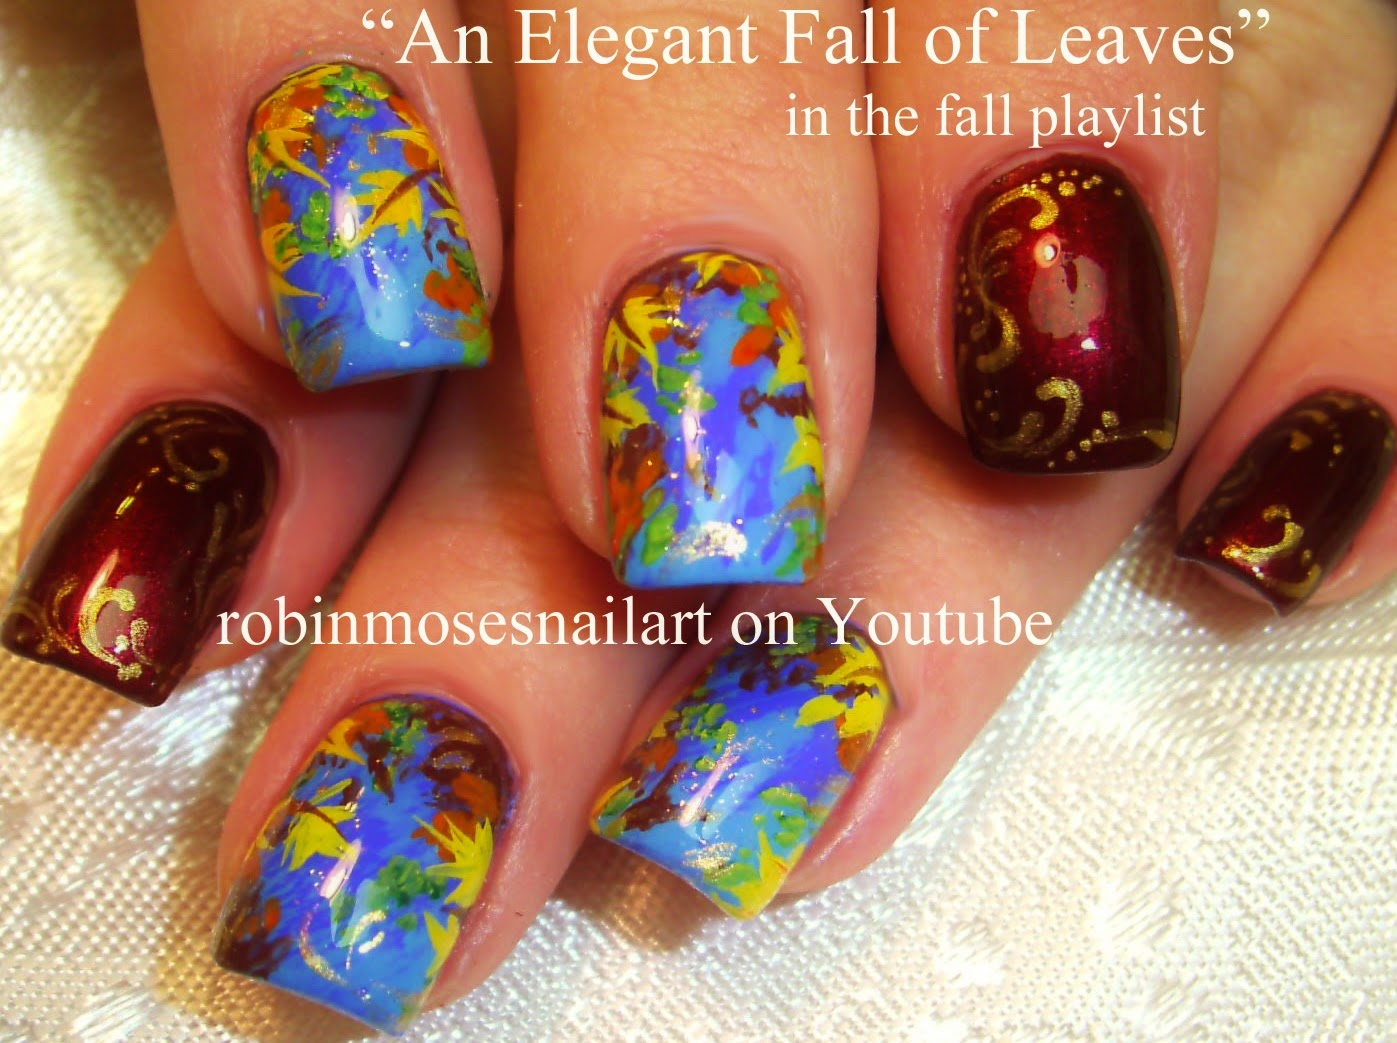 Robin moses nail art fall nails autumn nails nail art nail art tutorials fall nail art tutorial designs thanksgiving nails prinsesfo Gallery